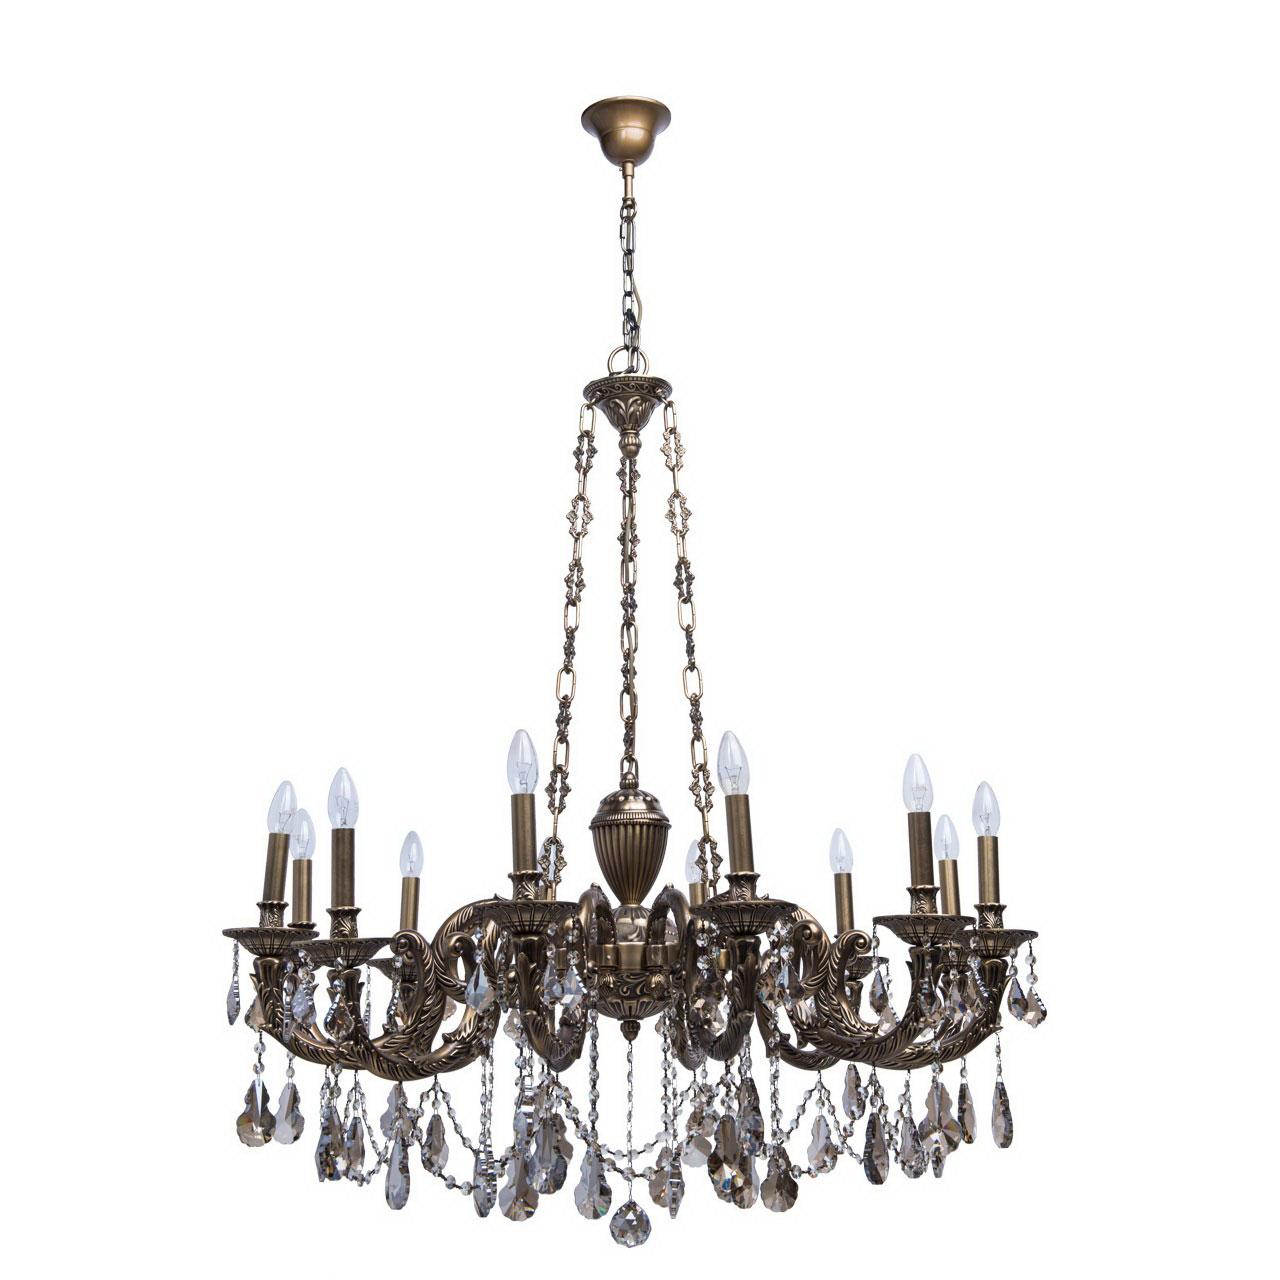 Люстра ChiaroЛюстры<br>Назначение светильника: для гостиной, Стиль светильника: классика, Тип: подвесная, Материал арматуры: металл, Длина (мм): 1070, Ширина: 1070, Высота: 2400, Количество ламп: 12, Тип лампы: накаливания, Мощность: 60, Патрон: Е14, Цвет арматуры: бронза, Родина бренда: Германия, Коллекция: Габриэль<br>